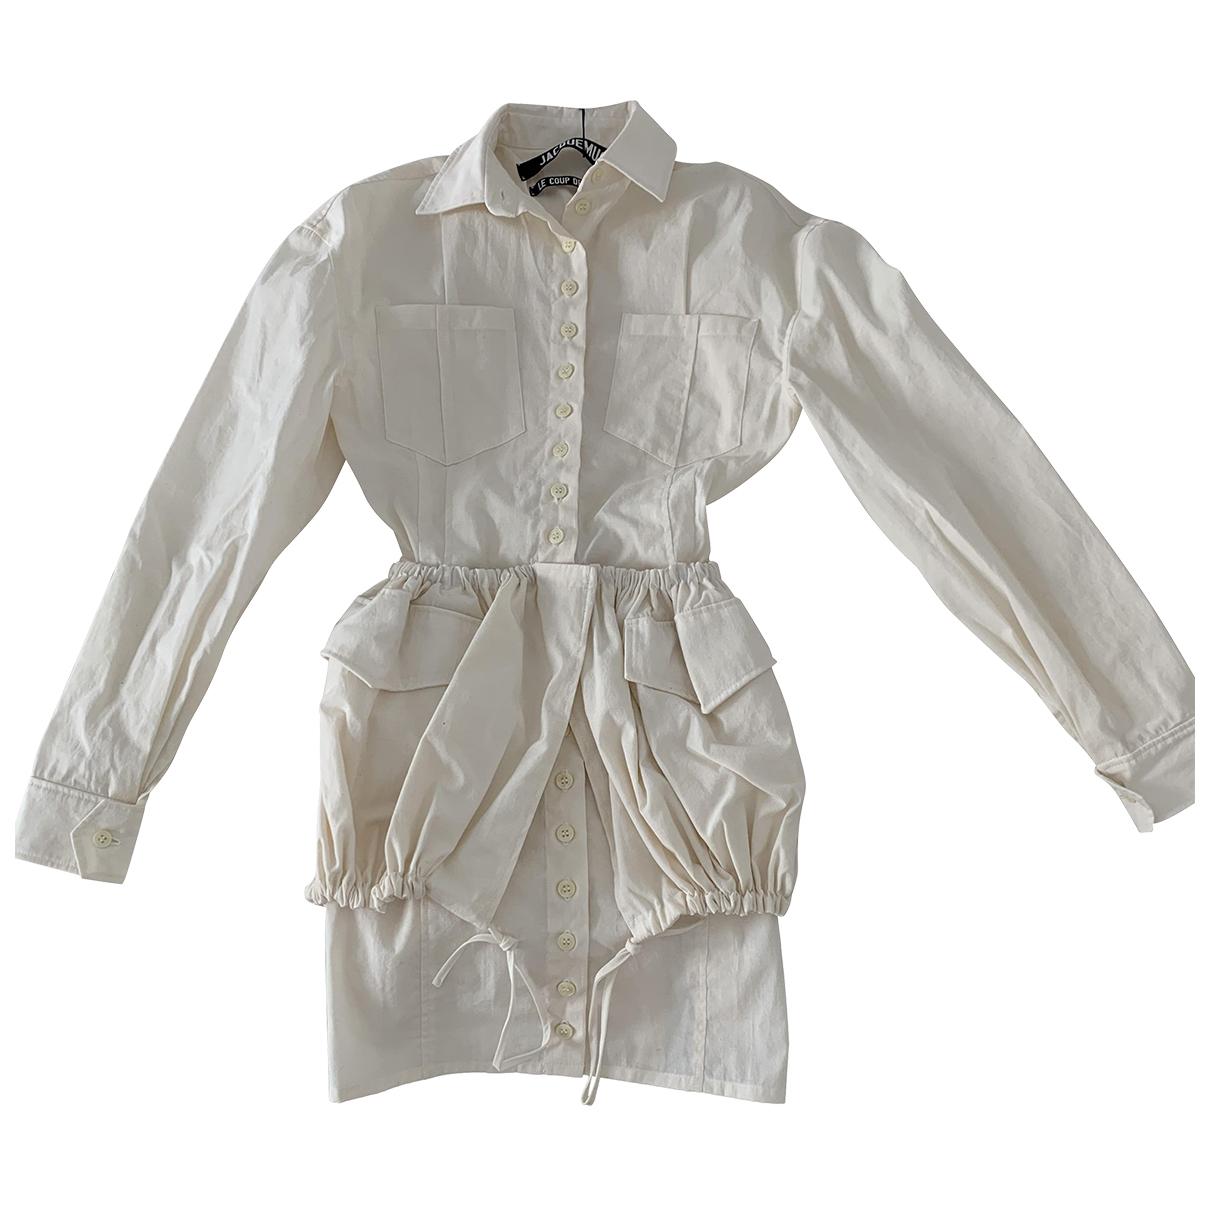 Jacquemus Le coup de soleil White dress for Women 32 FR